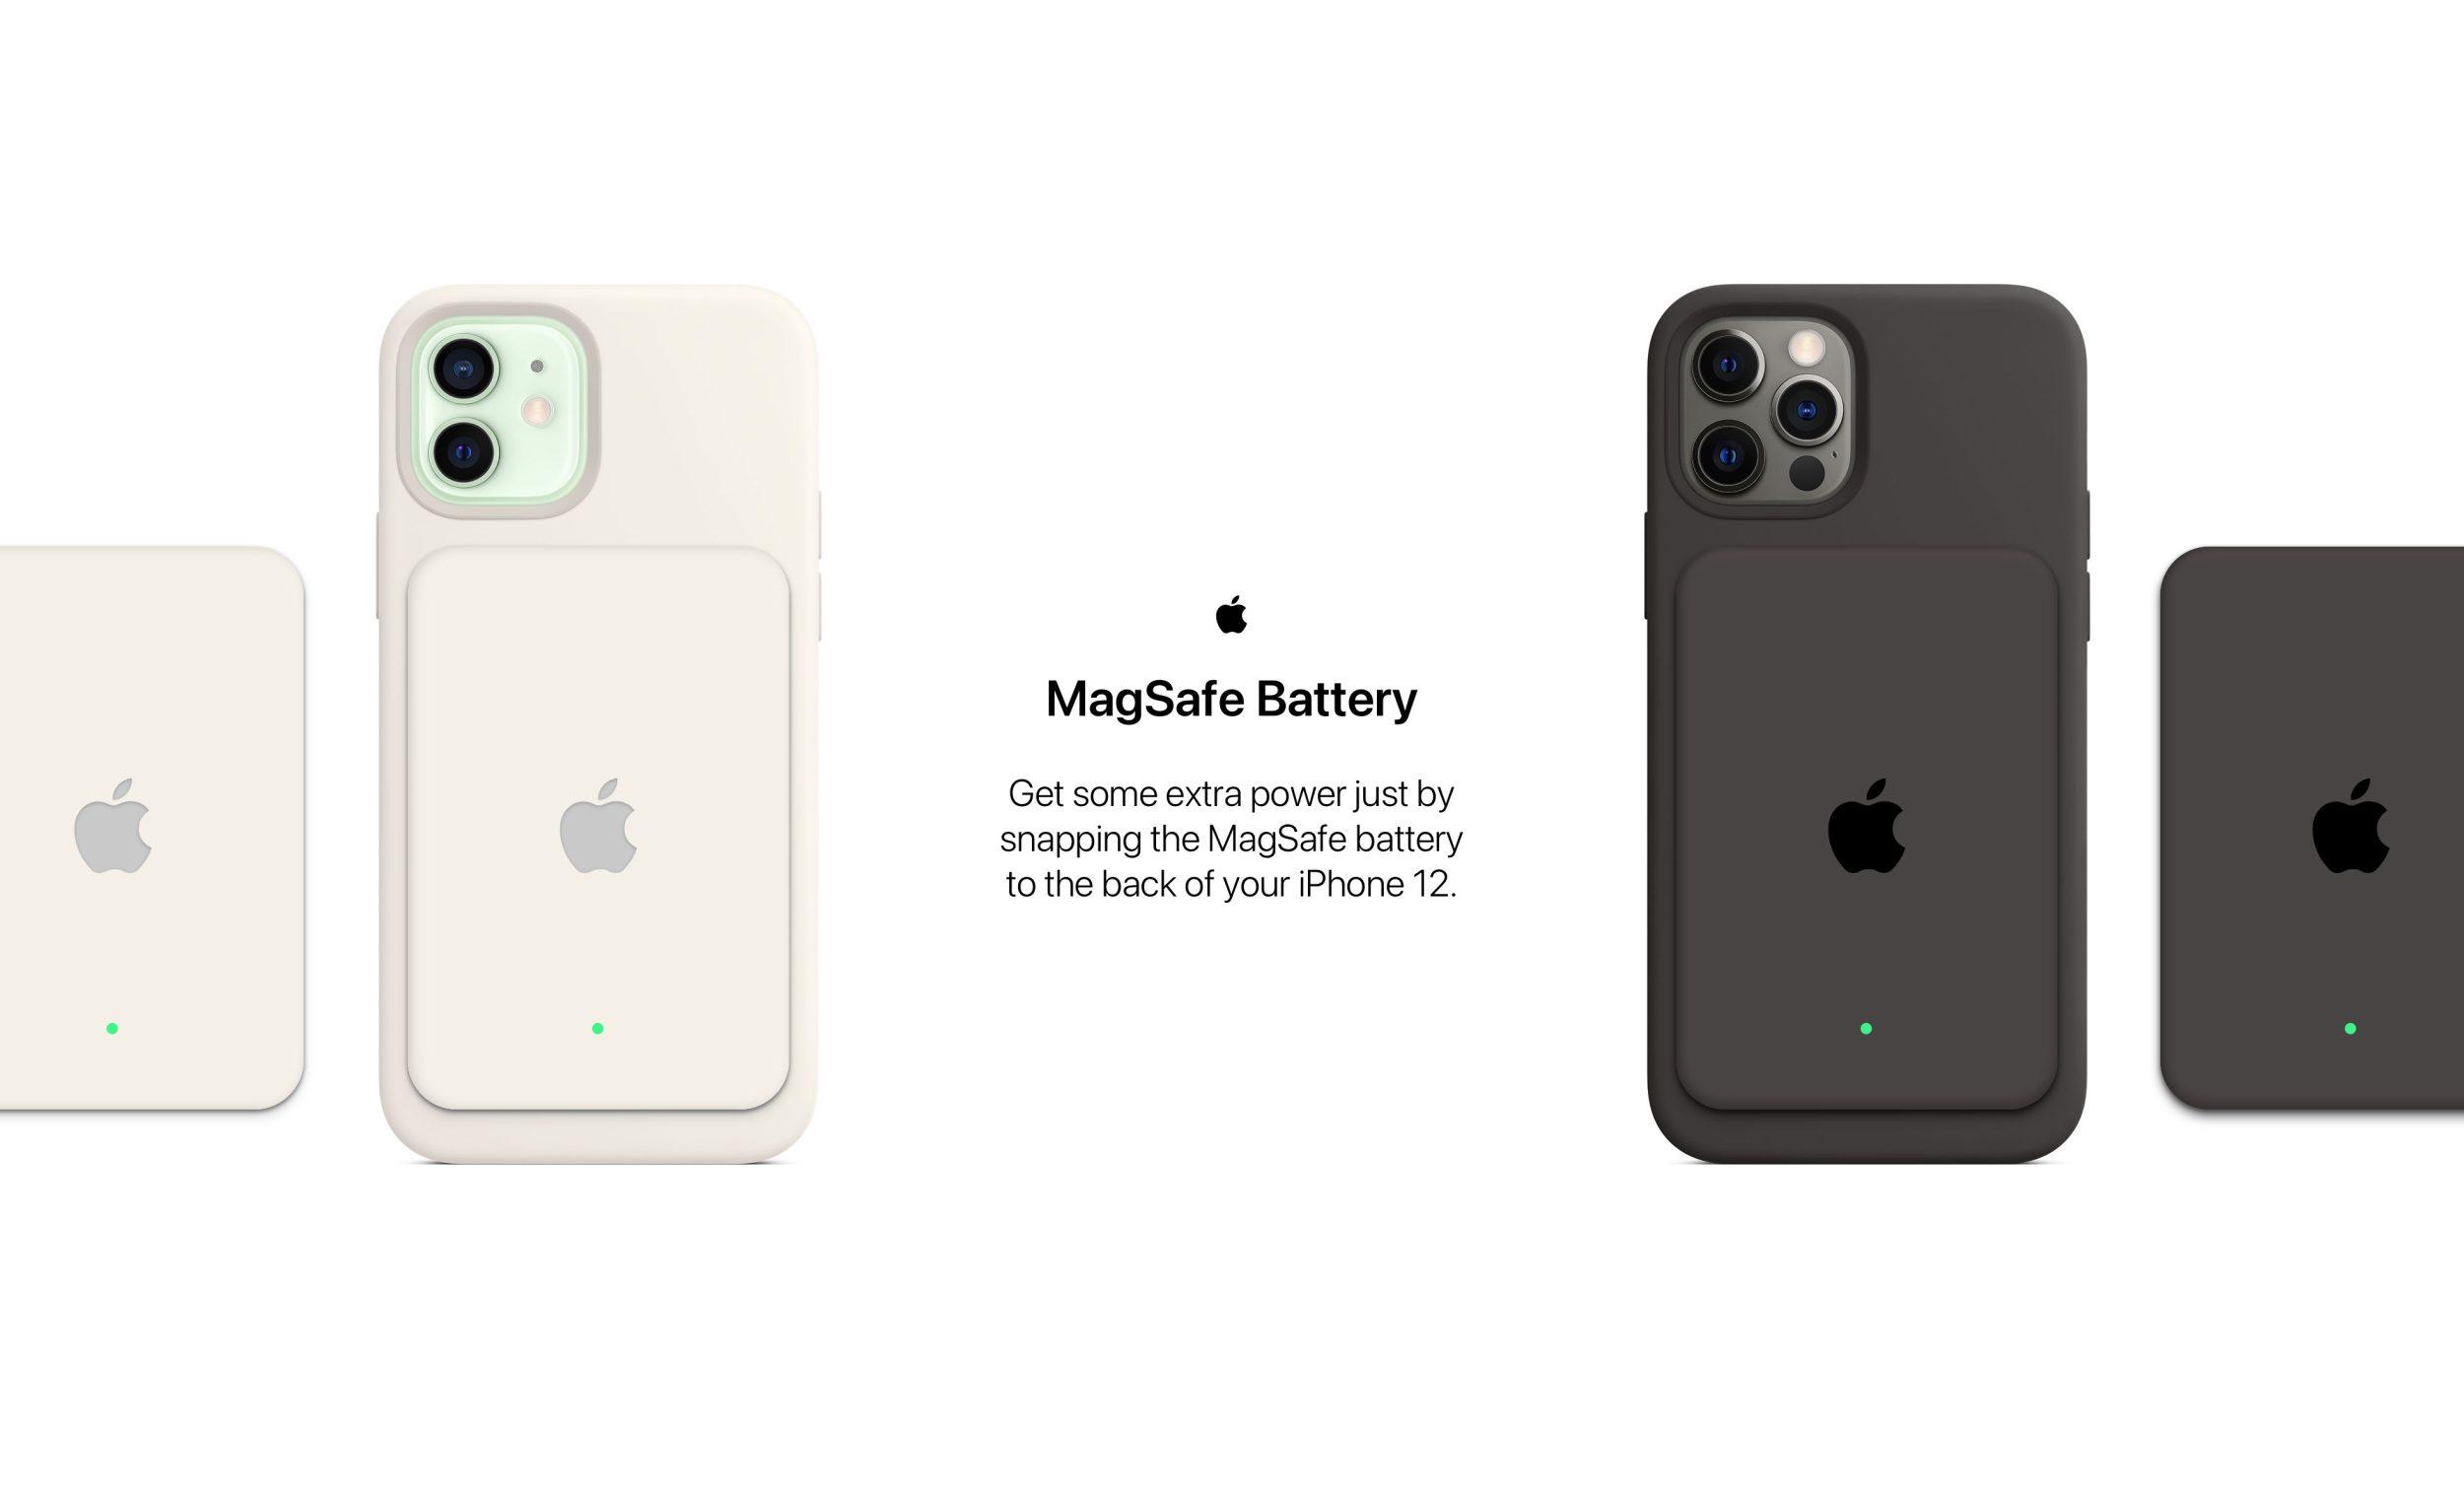 蘋果正開發iPhone 12 聰穎電池配件,含MagSafe 磁吸